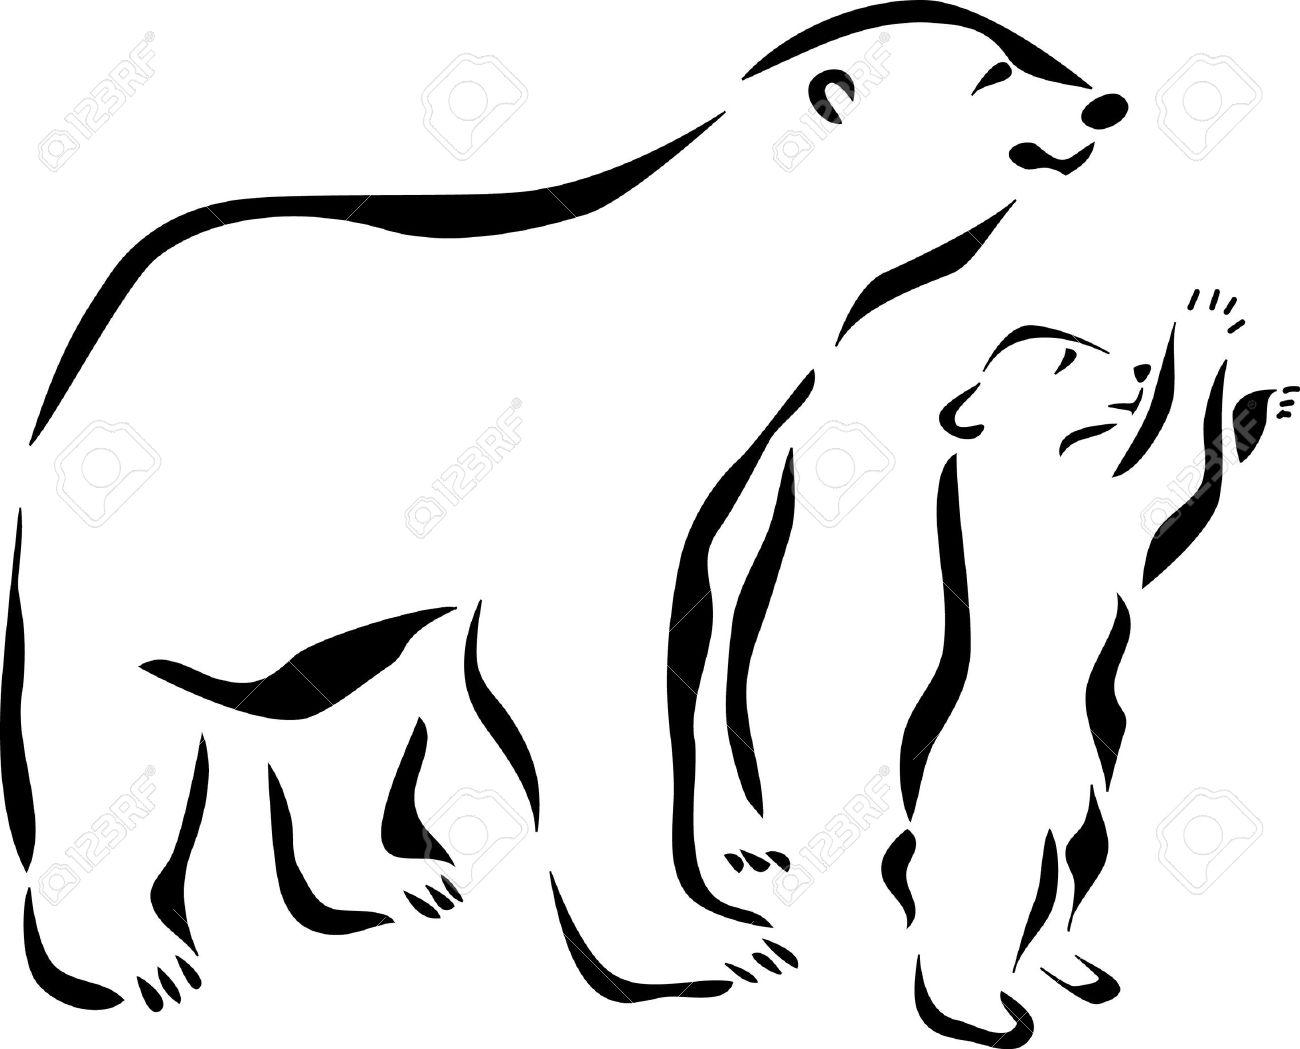 22 Outline Polar Bear Tattoos